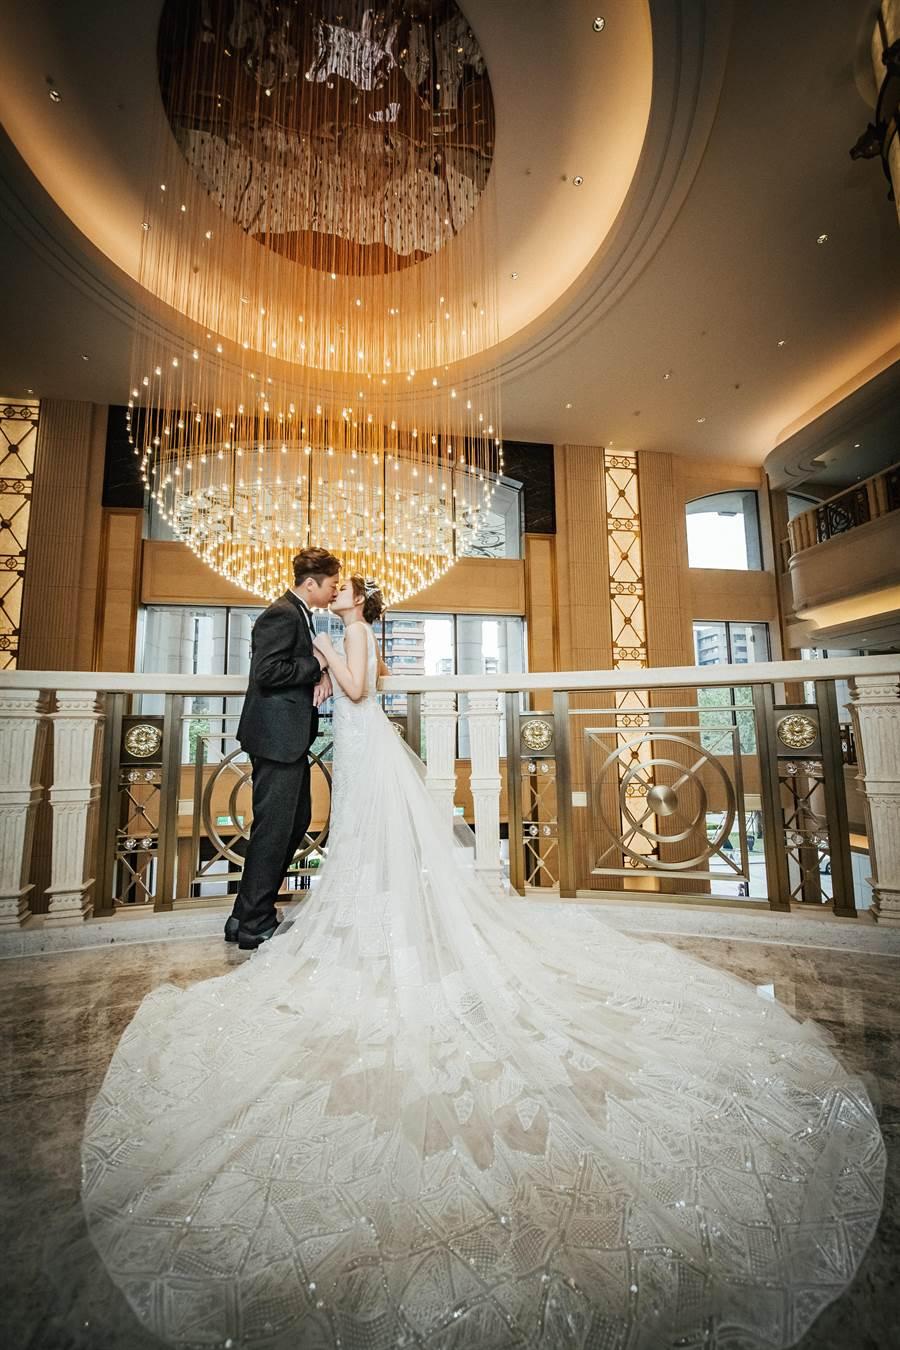 歐式浪漫風格搭配深V領現代魚尾幾何蕾絲婚紗,現代優雅風味,完美呈現。(圖/LinLi Boutique提供)